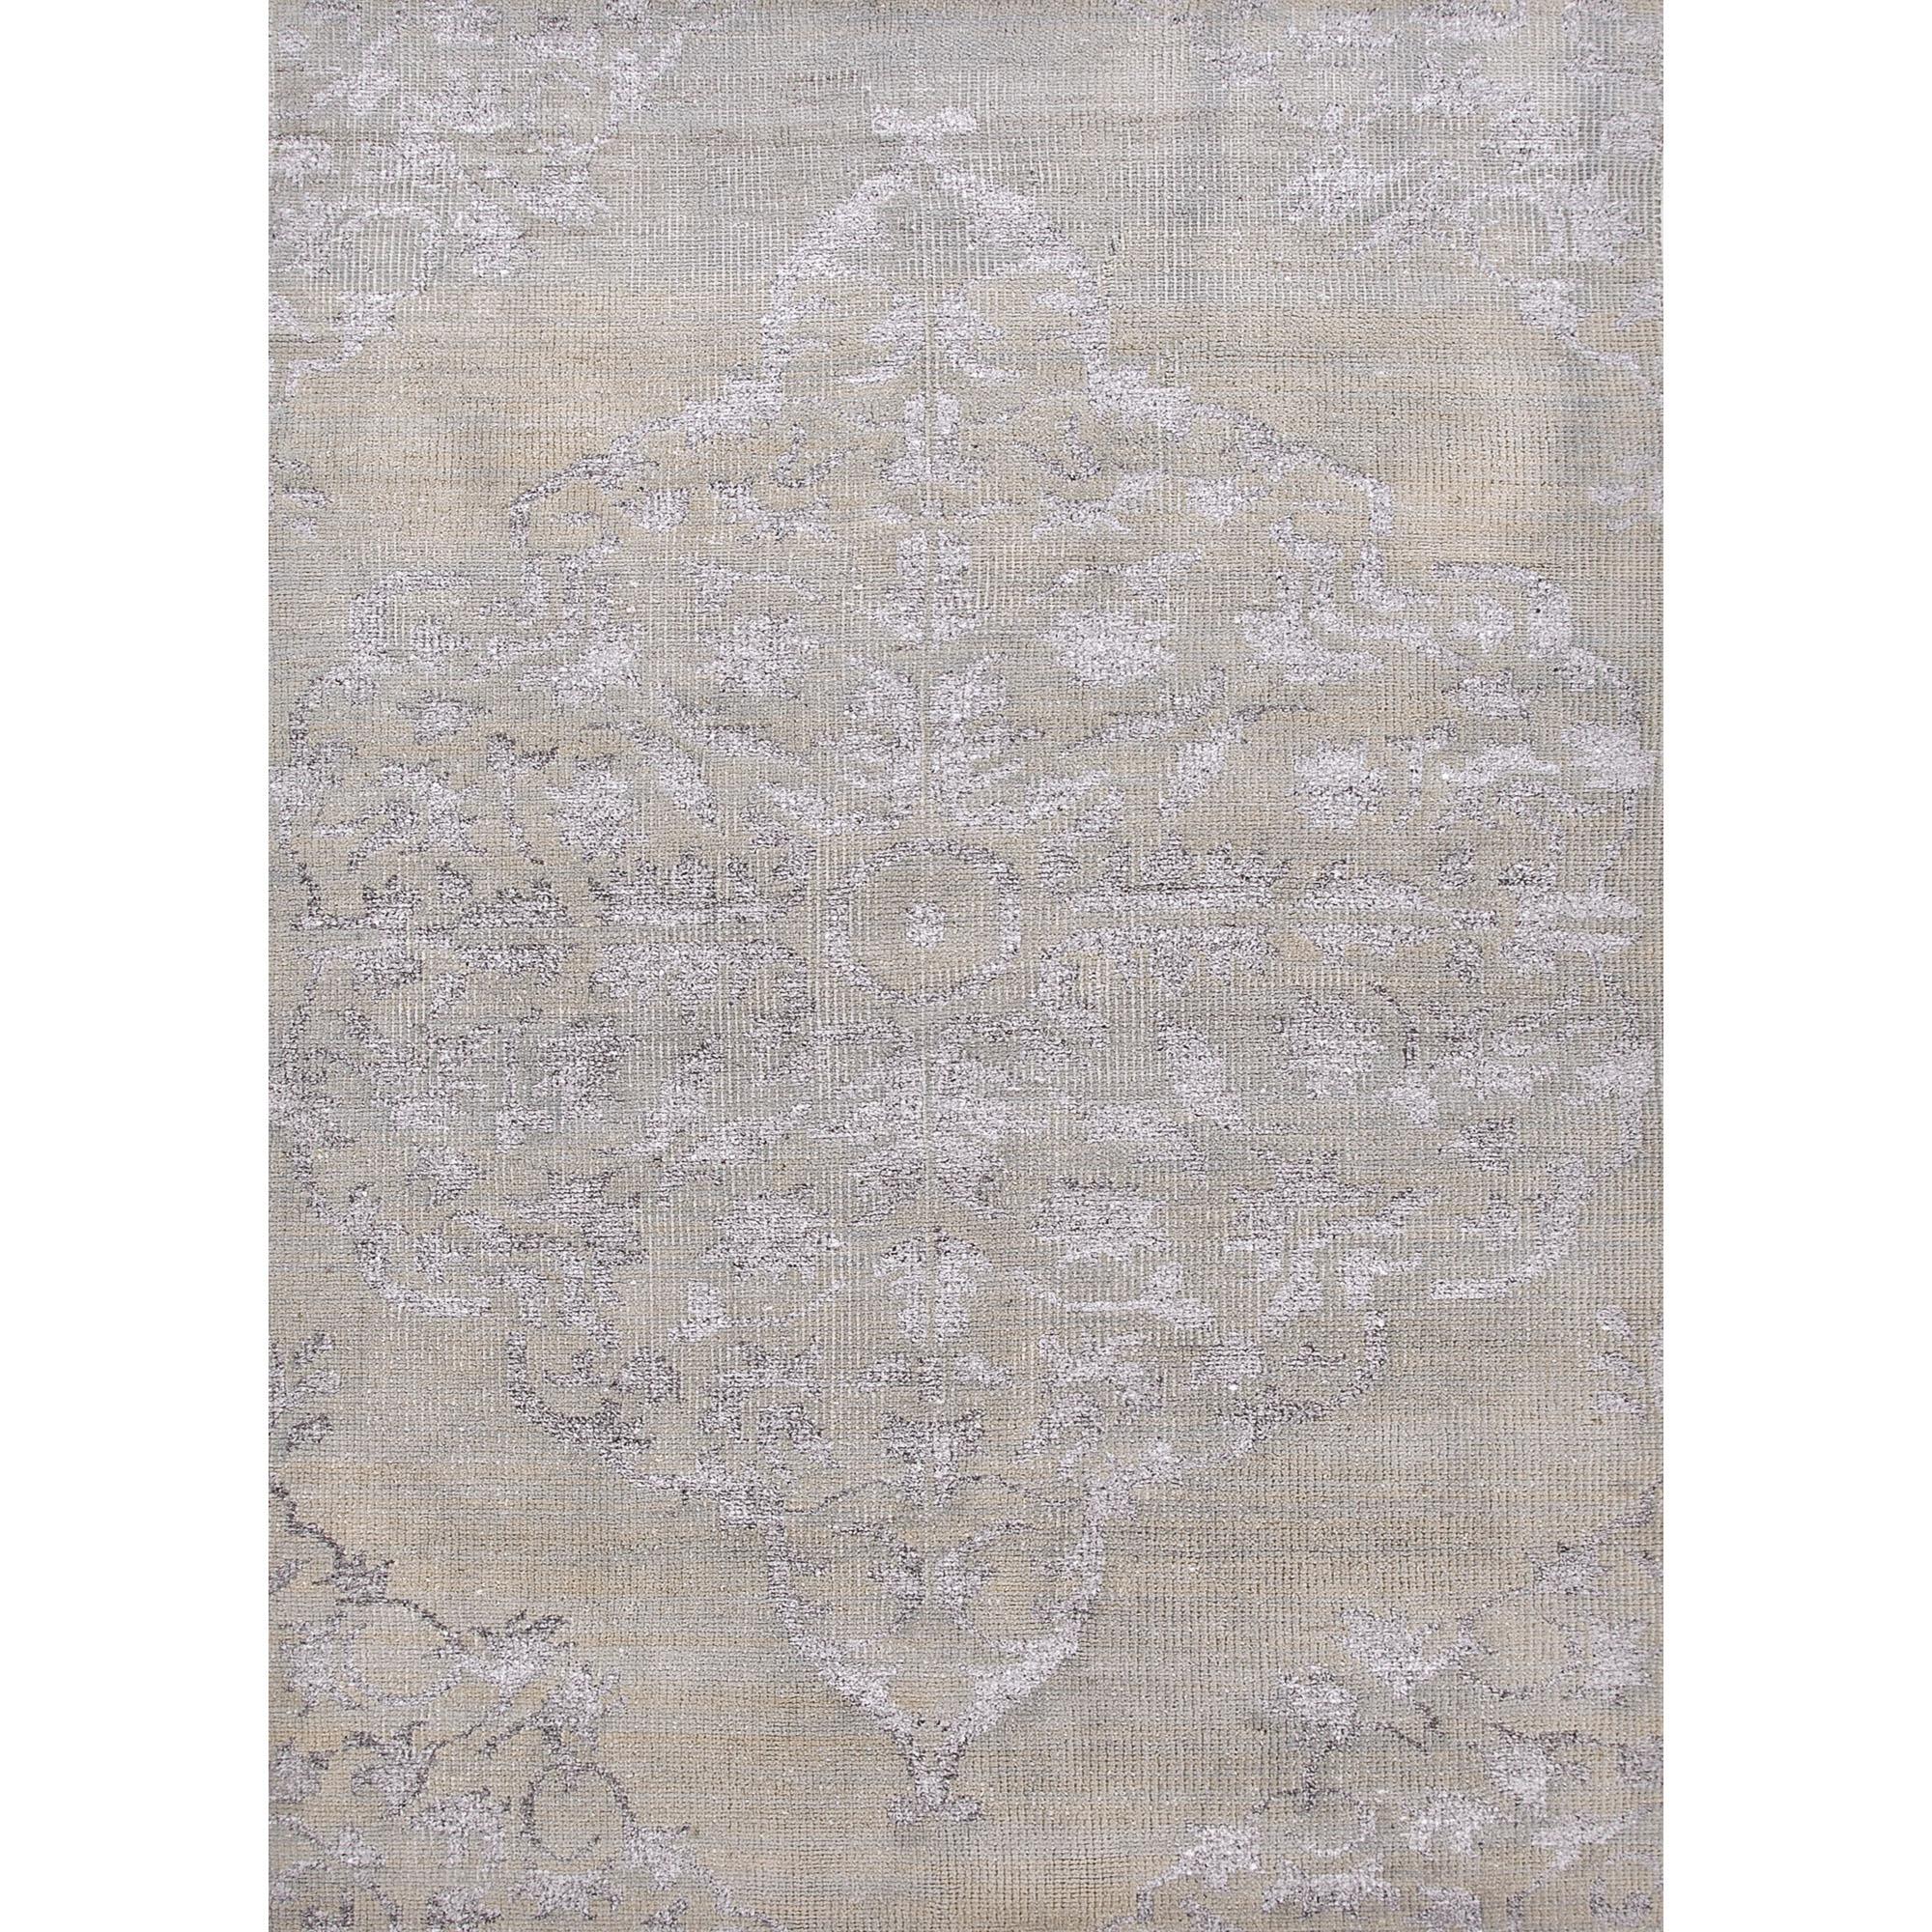 JAIPUR Rugs Heritage 2 x 3 Rug - Item Number: RUG102032